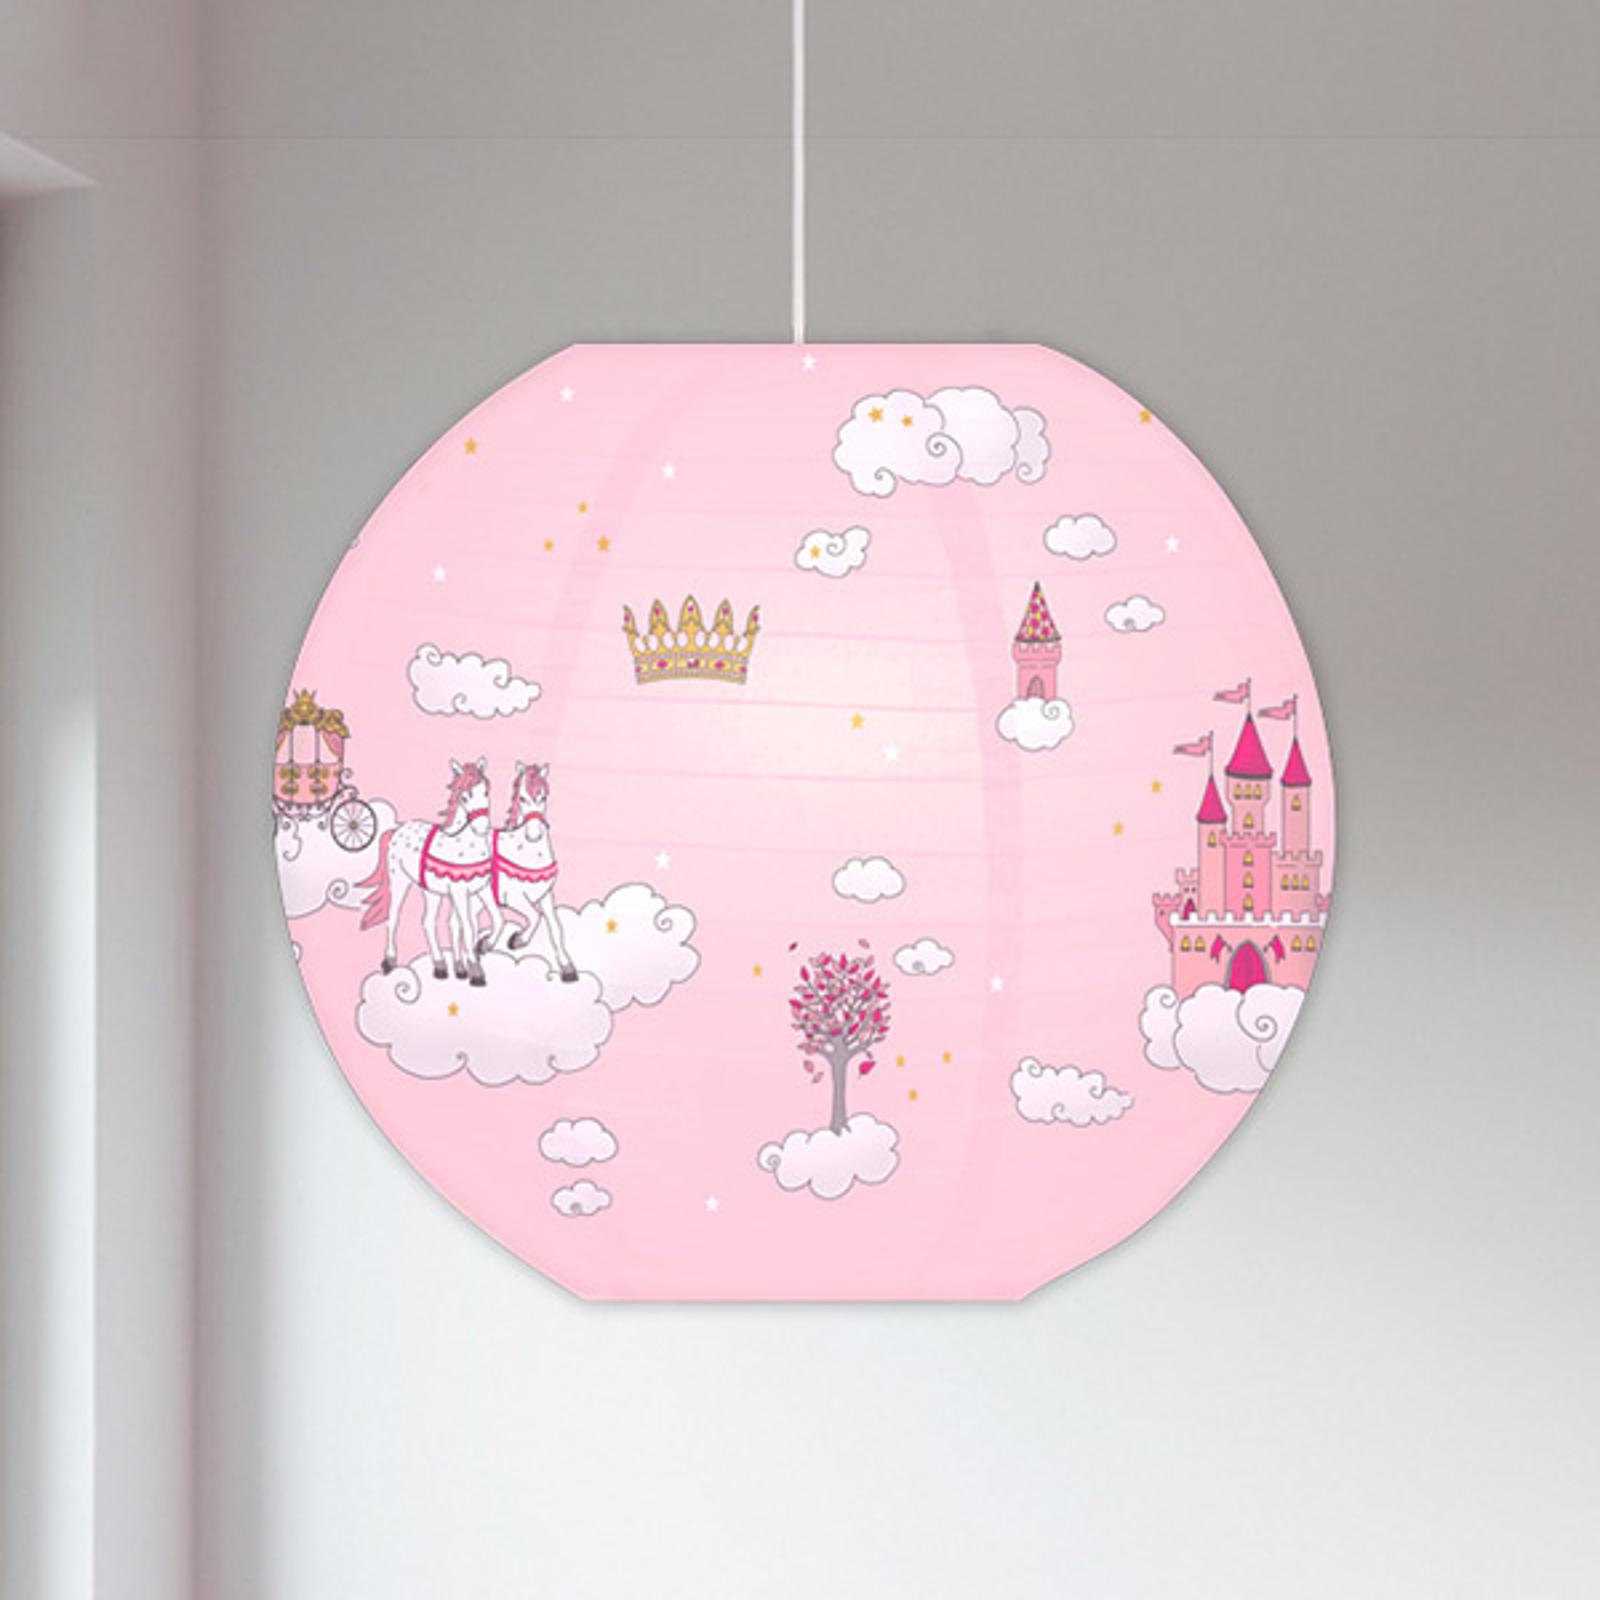 Hængelampe 4117004 med prinsessemotiver